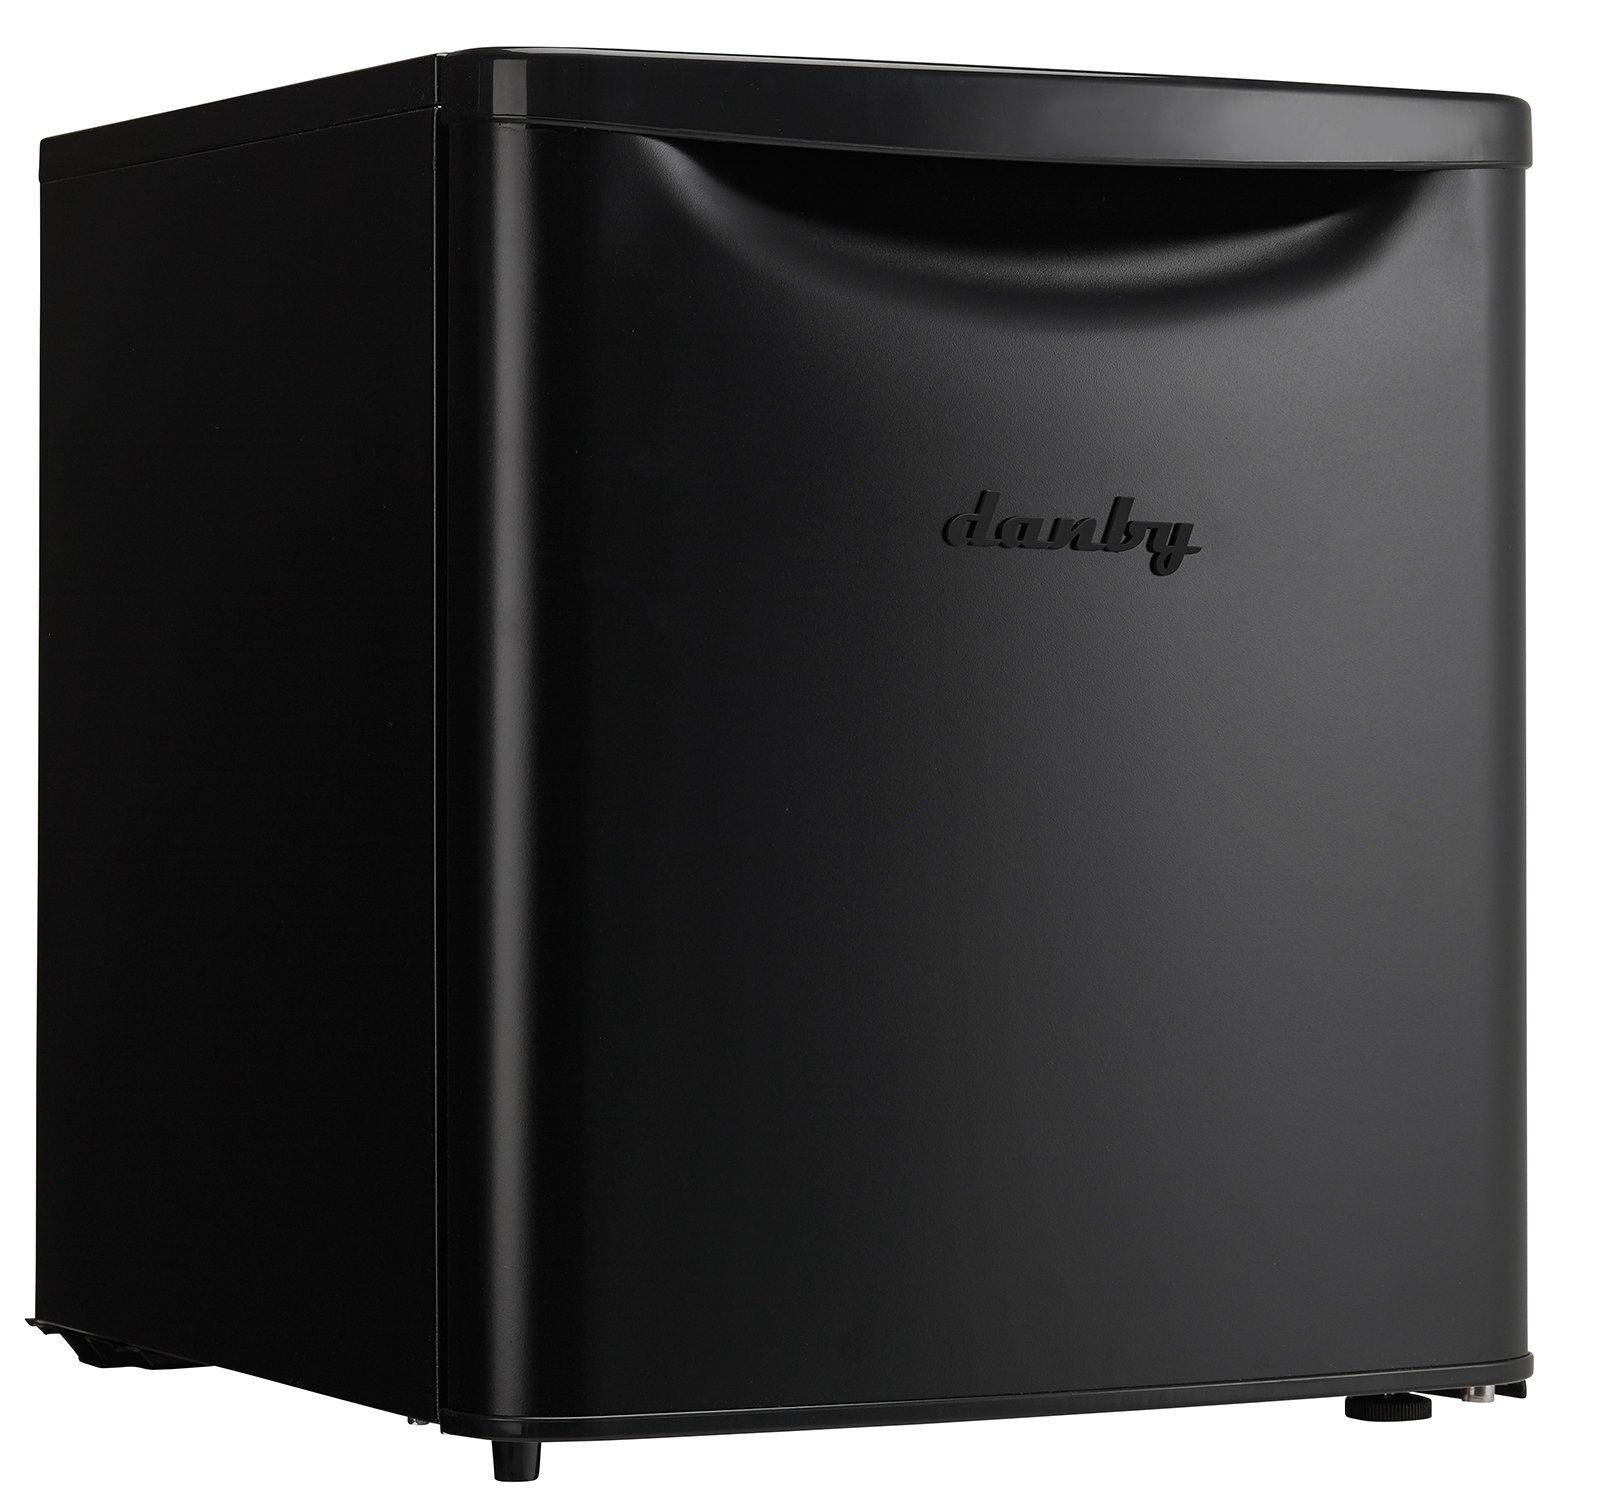 Danby DAR017A3BDB Contemporary Classic Compact All Refrigerator, Black